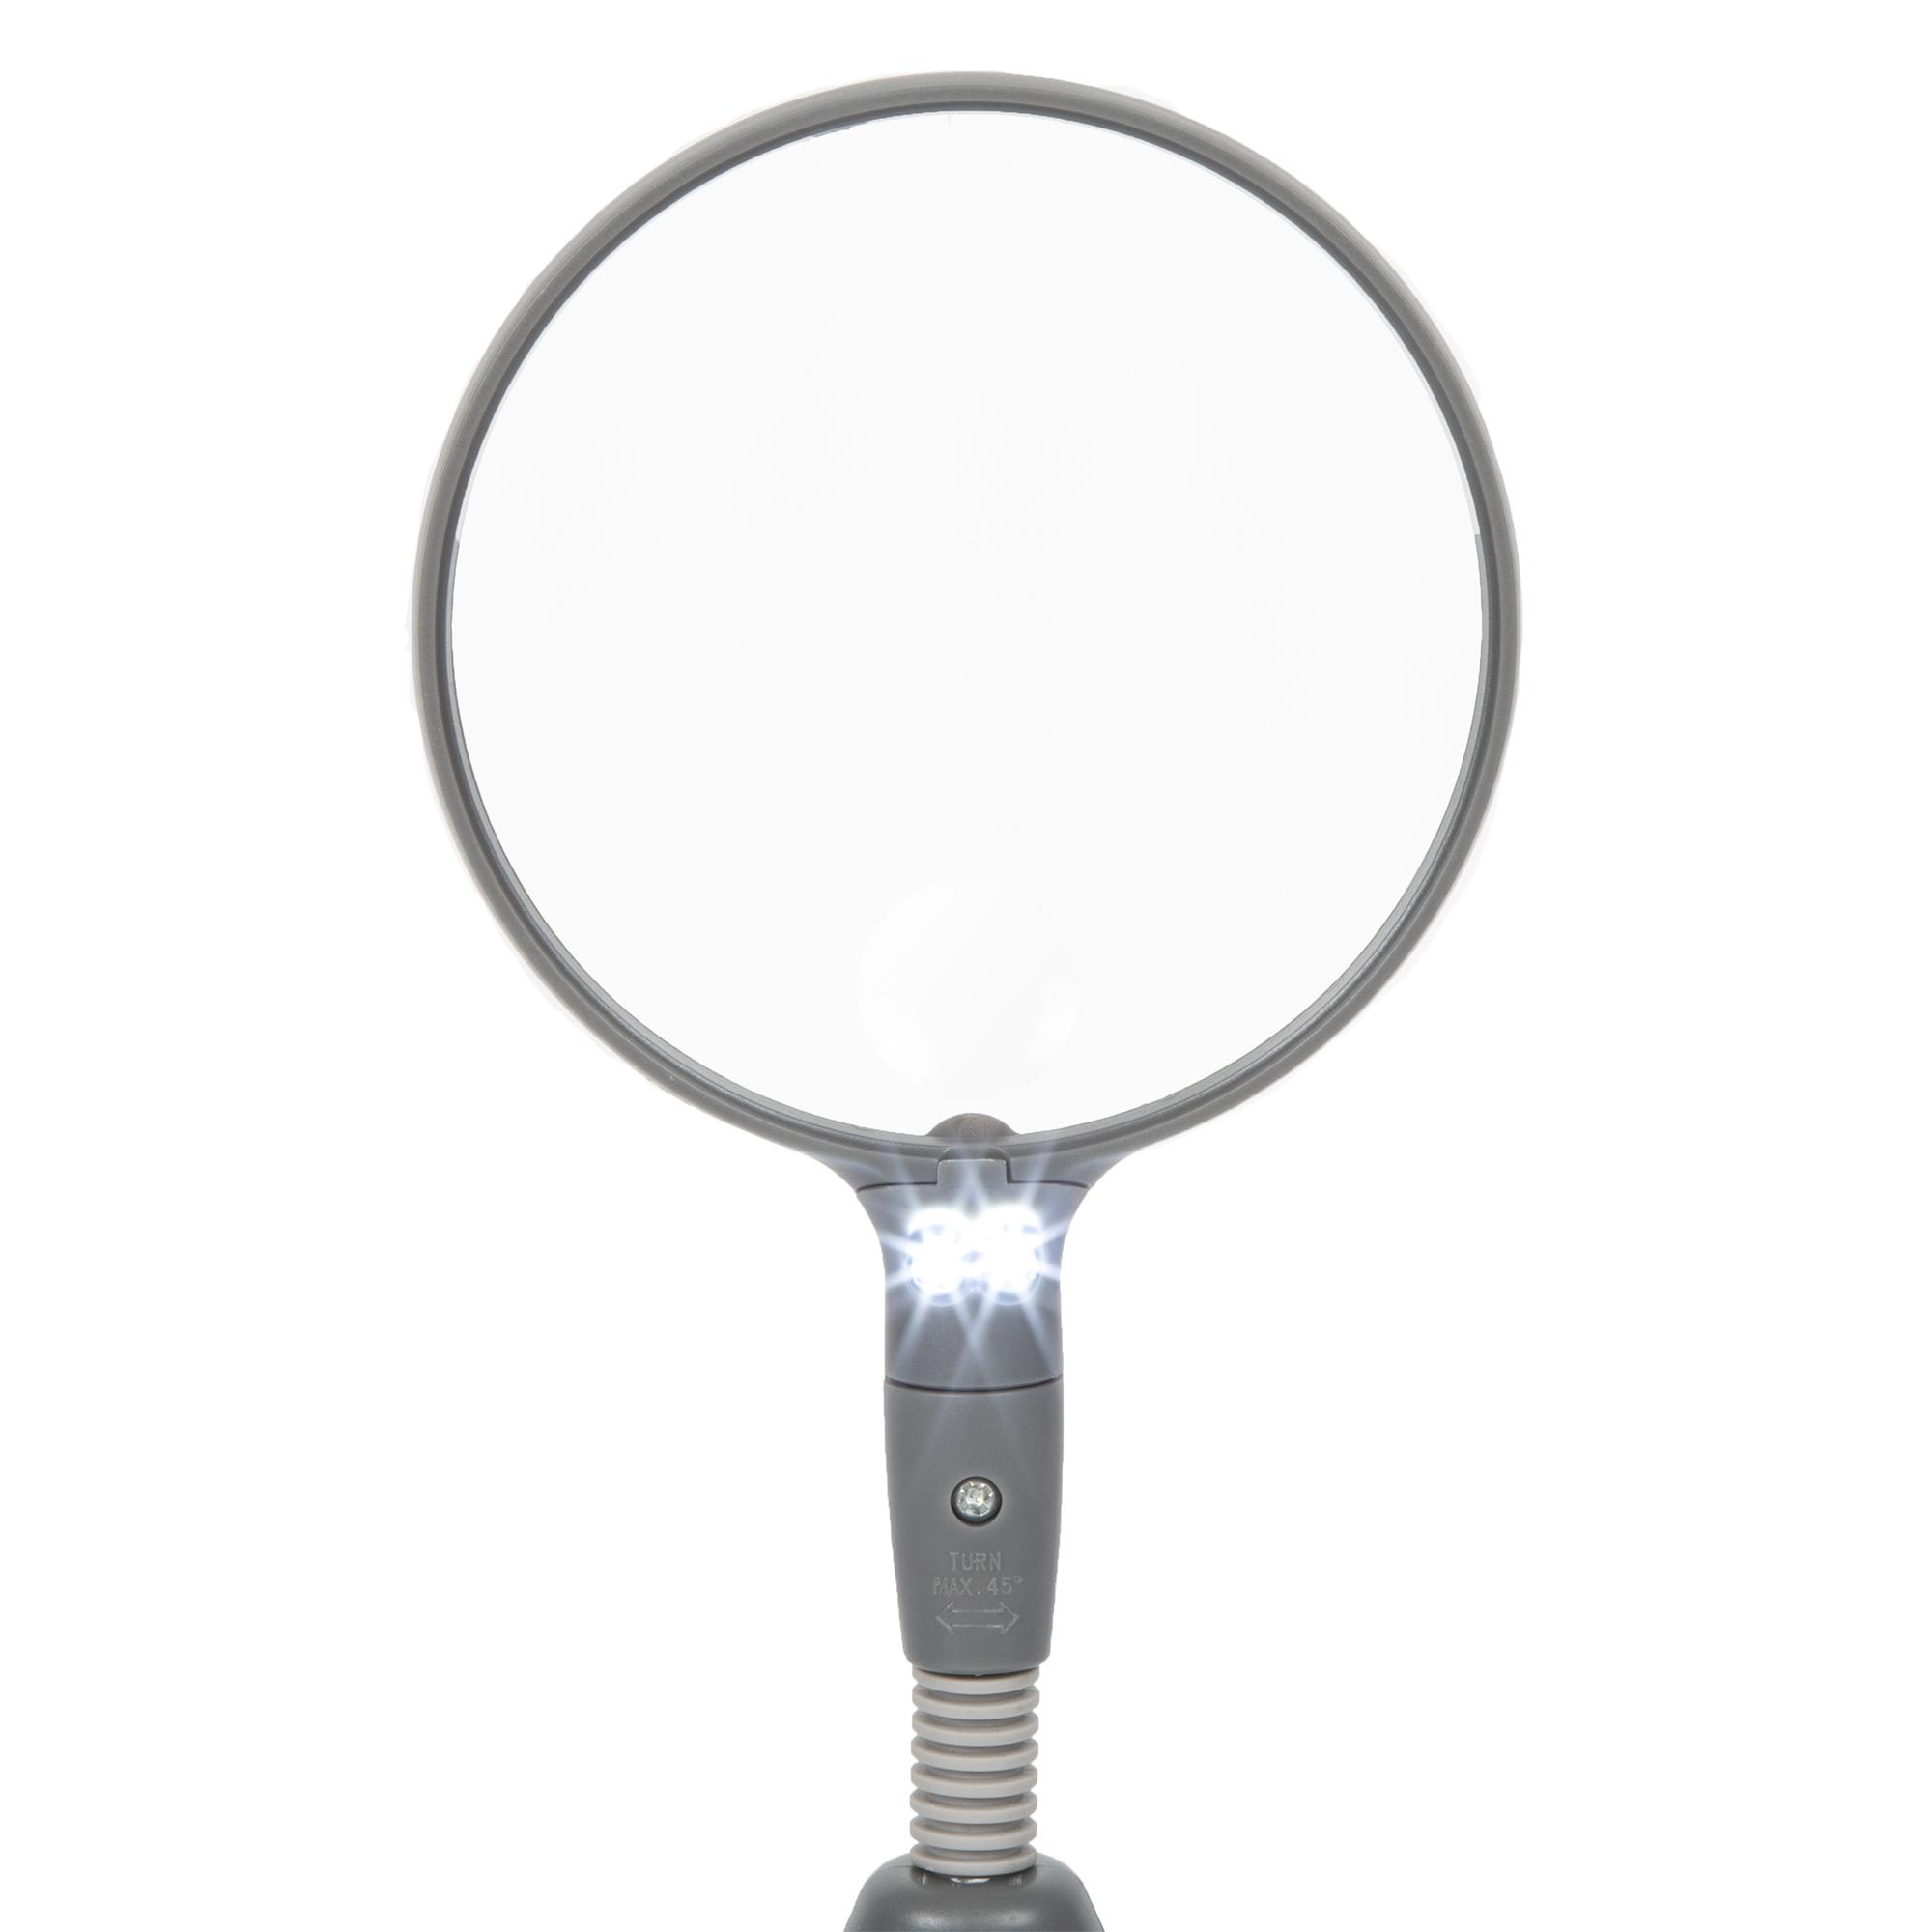 Stalwart 2 Led 2x Adjustable Magnifier Lamp